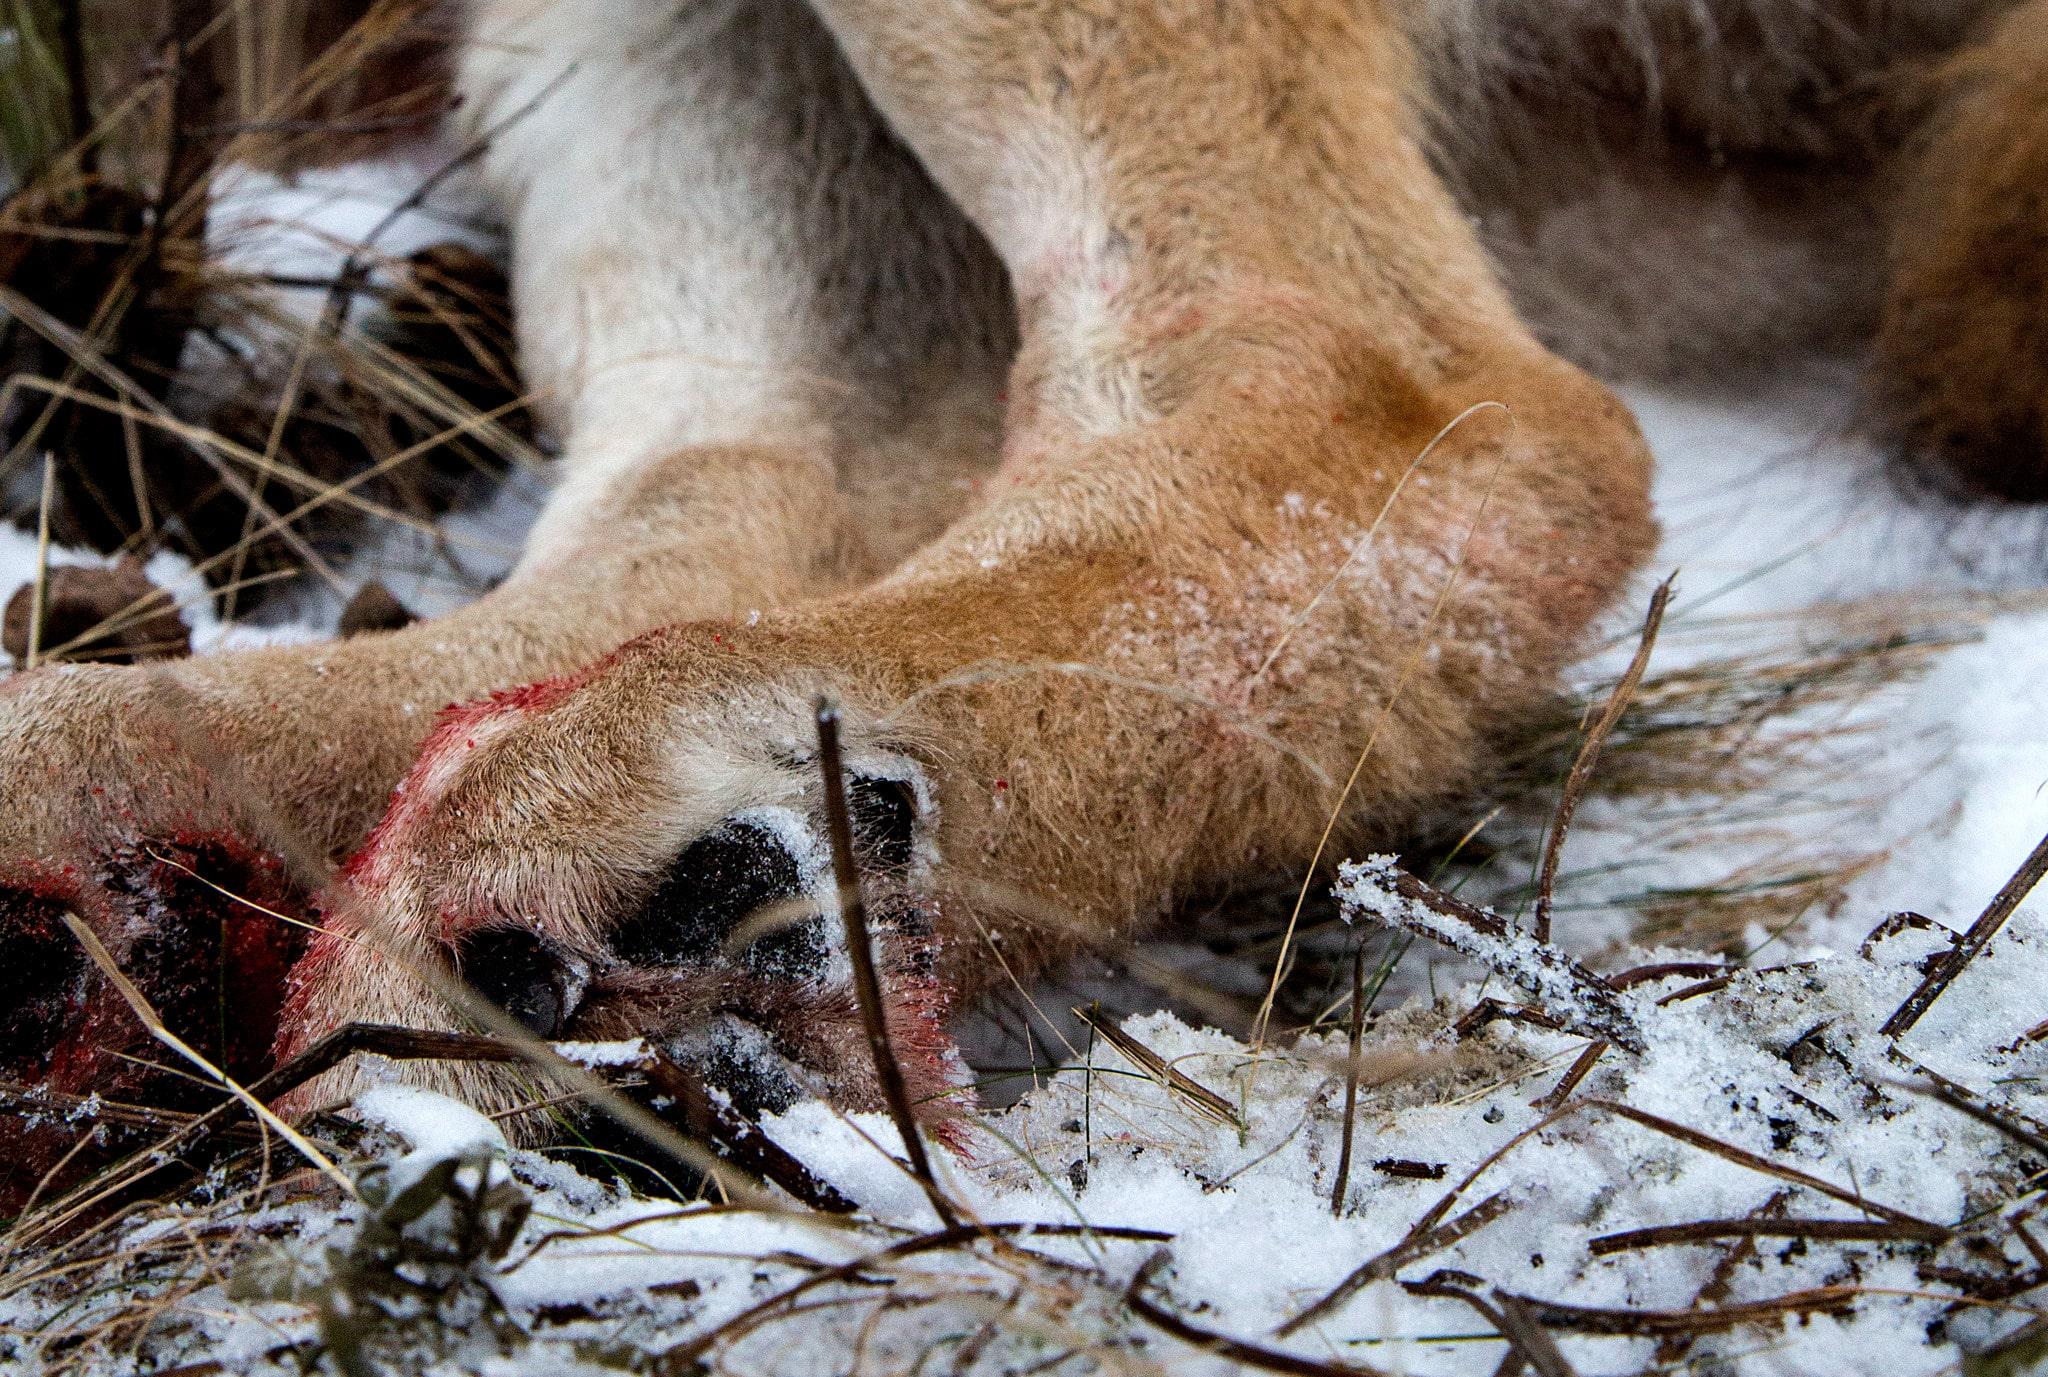 Länsstyrelsen i Södermanland beslutar om skyddsjakt på en skabbangripen varg. Arkivfoto: Olle Olsson